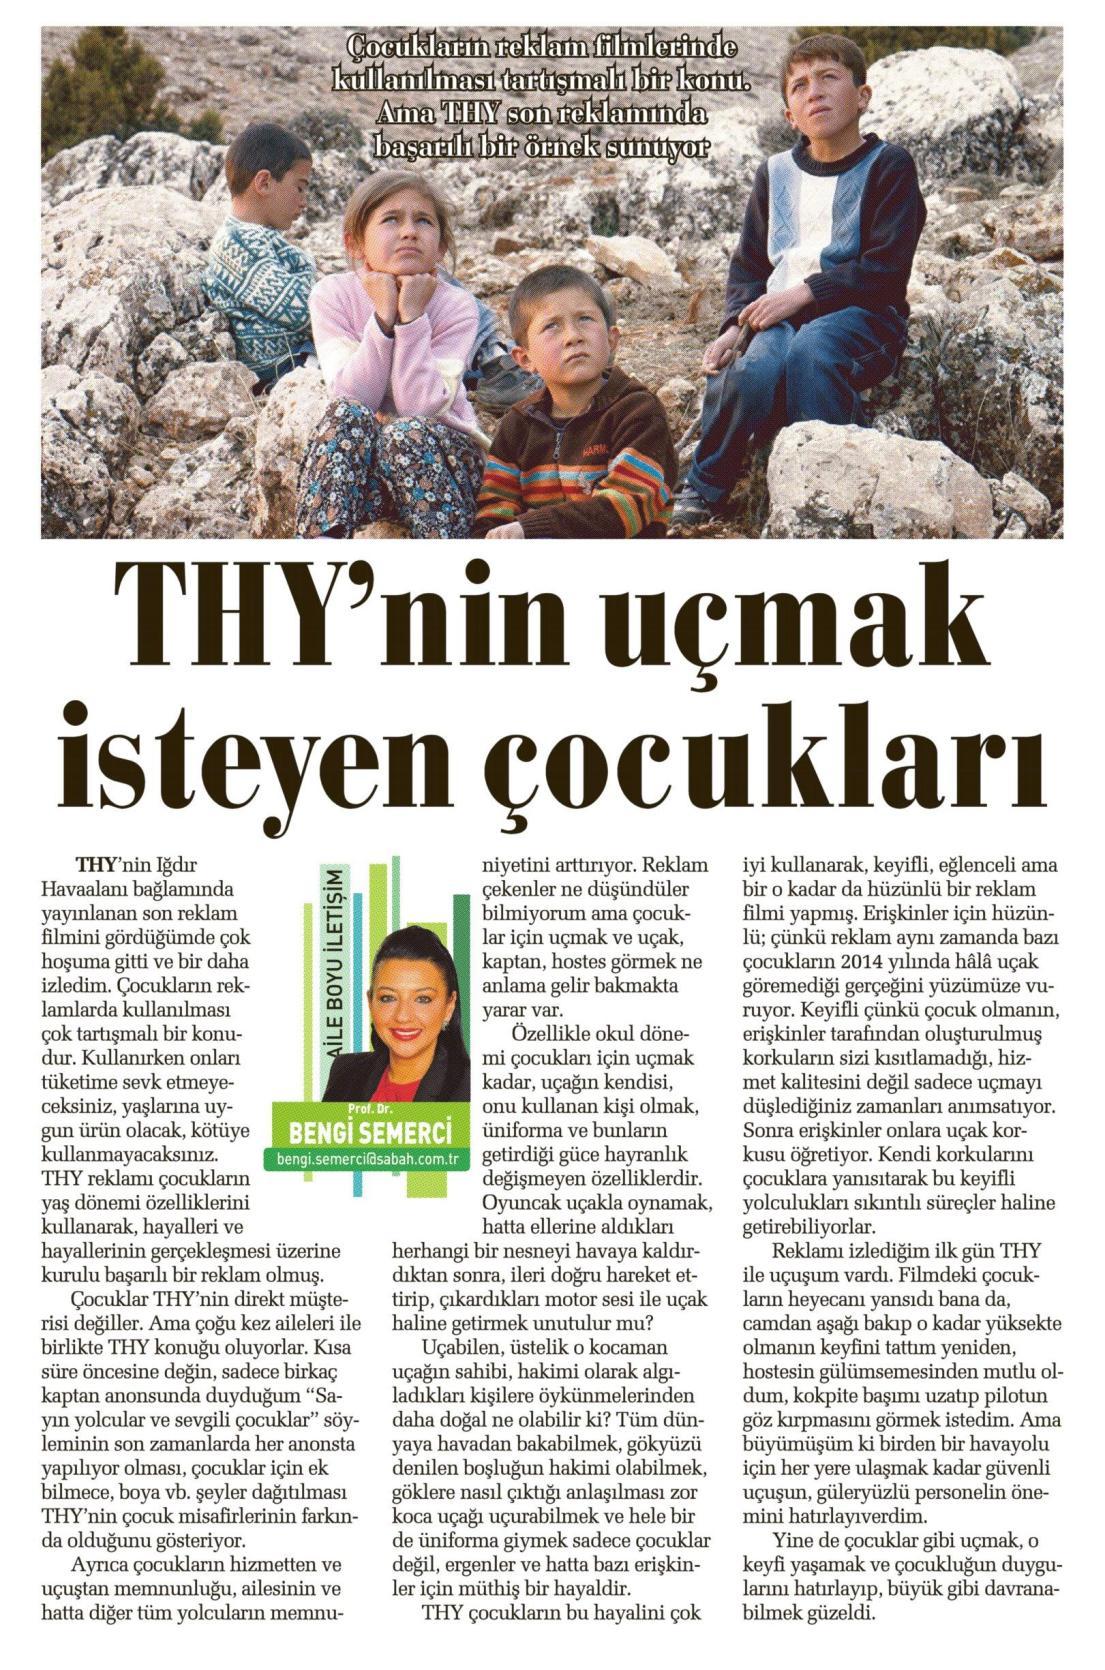 THY'nin uçmak isteyen çocukları - SABAH CUMARTESİ 03.05.2014